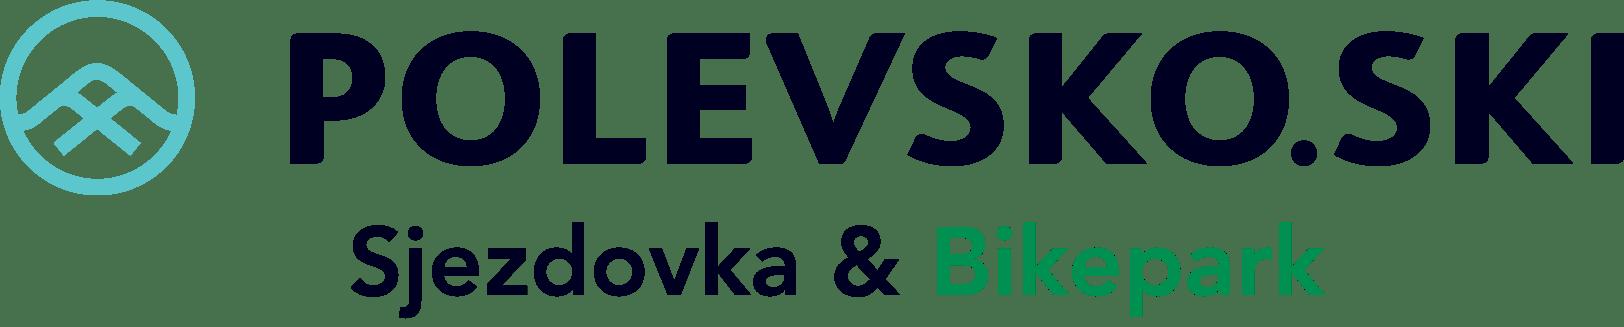 Sjezdovka & Bikepark Polevsko